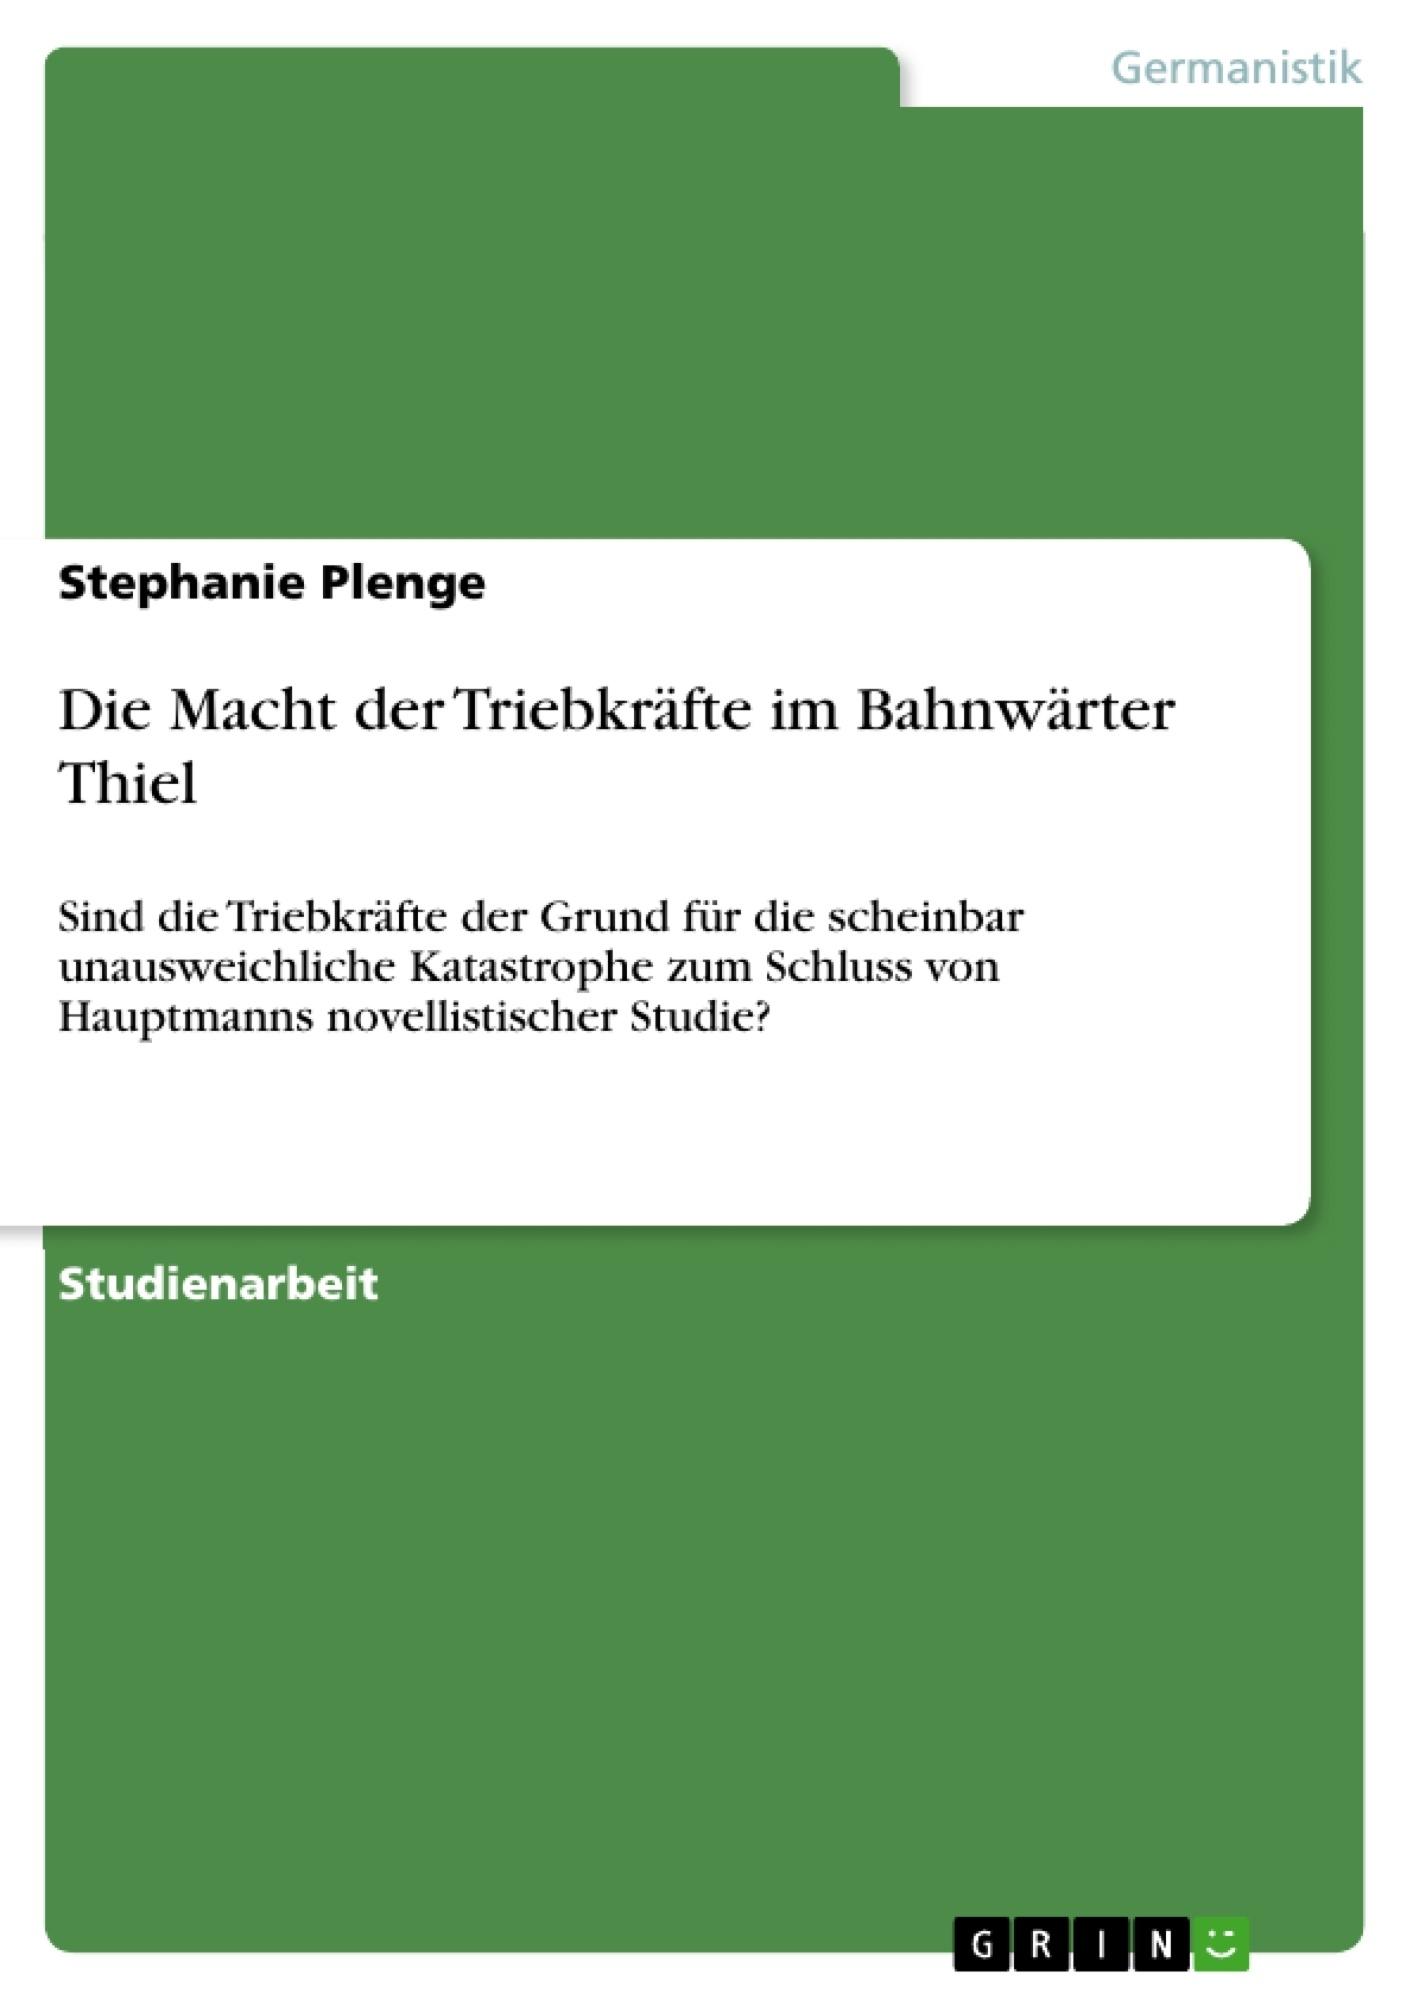 Titel: Die Macht der Triebkräfte im Bahnwärter Thiel